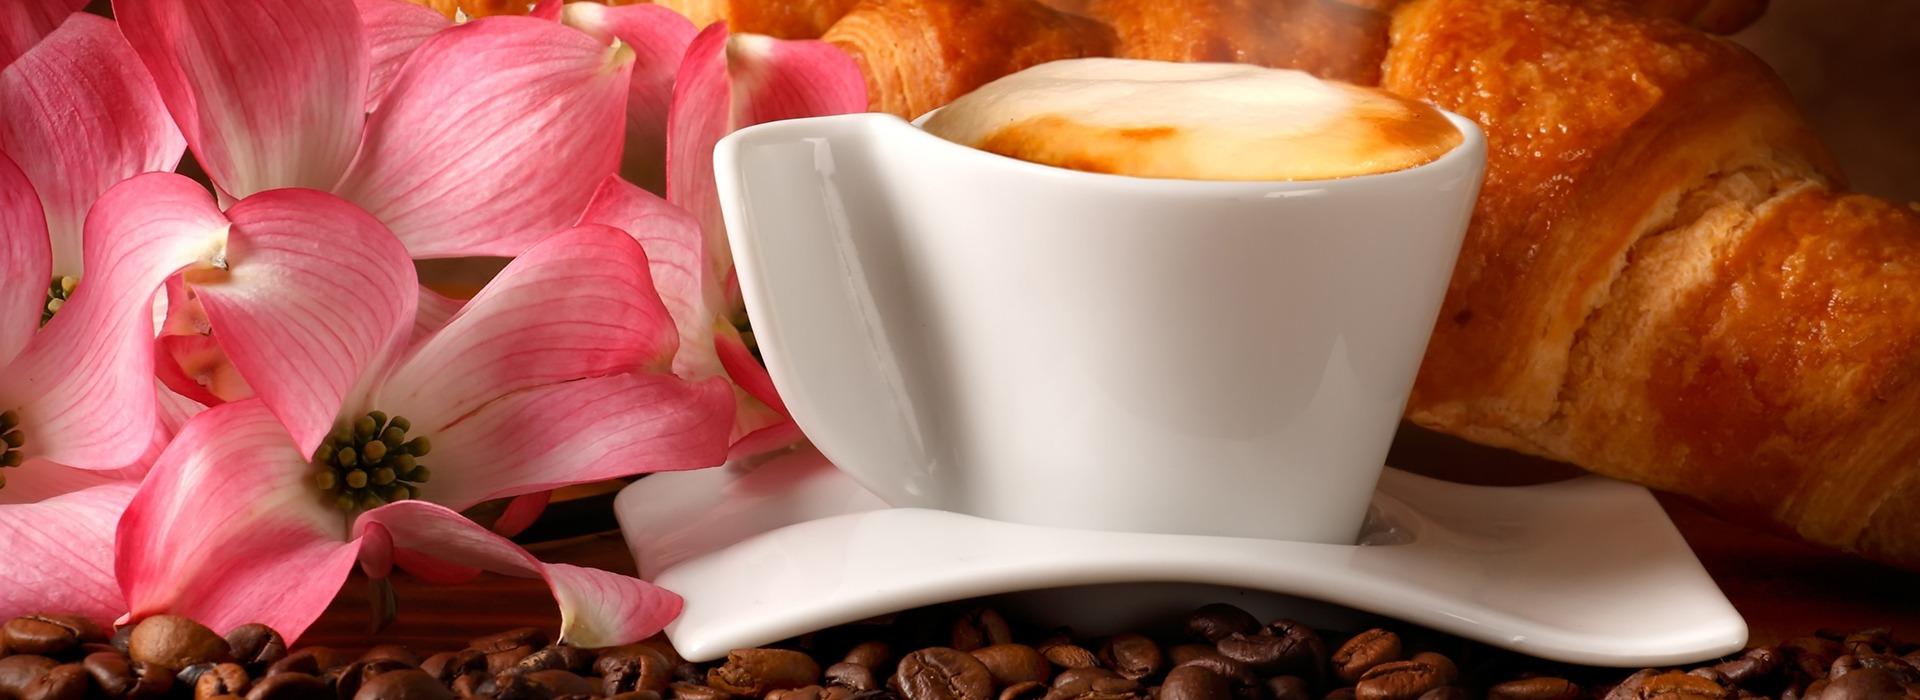 Testo Principale – slide-caffe-tazza-prodotti